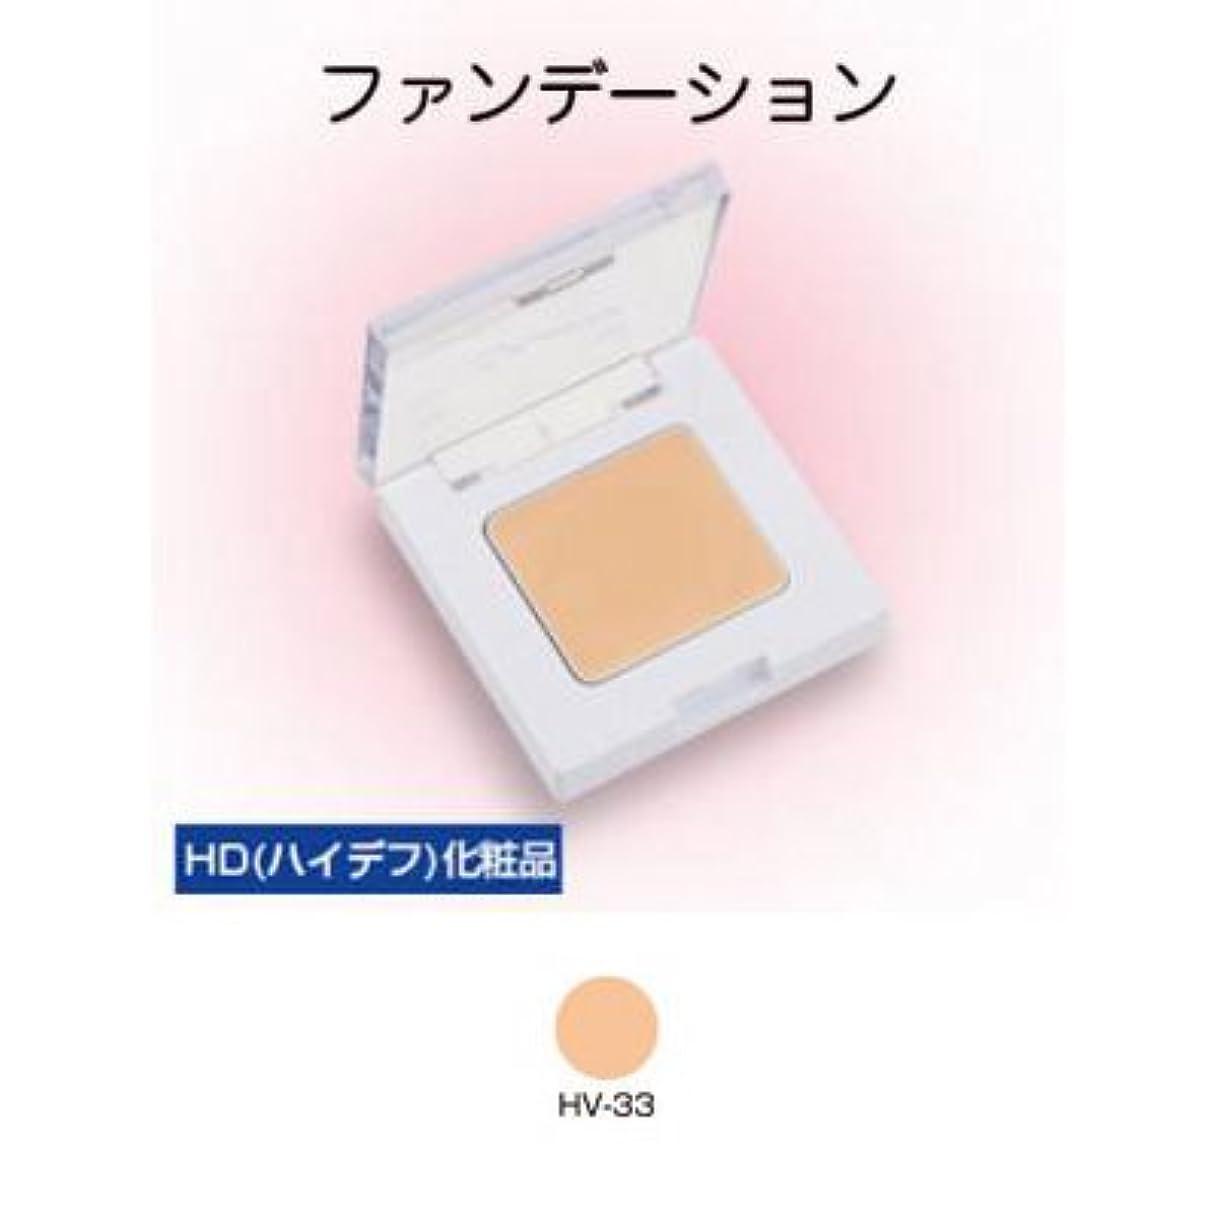 すみませんハブ委員会シャレナ カバーファンデーション ミニ HV-33 【三善】